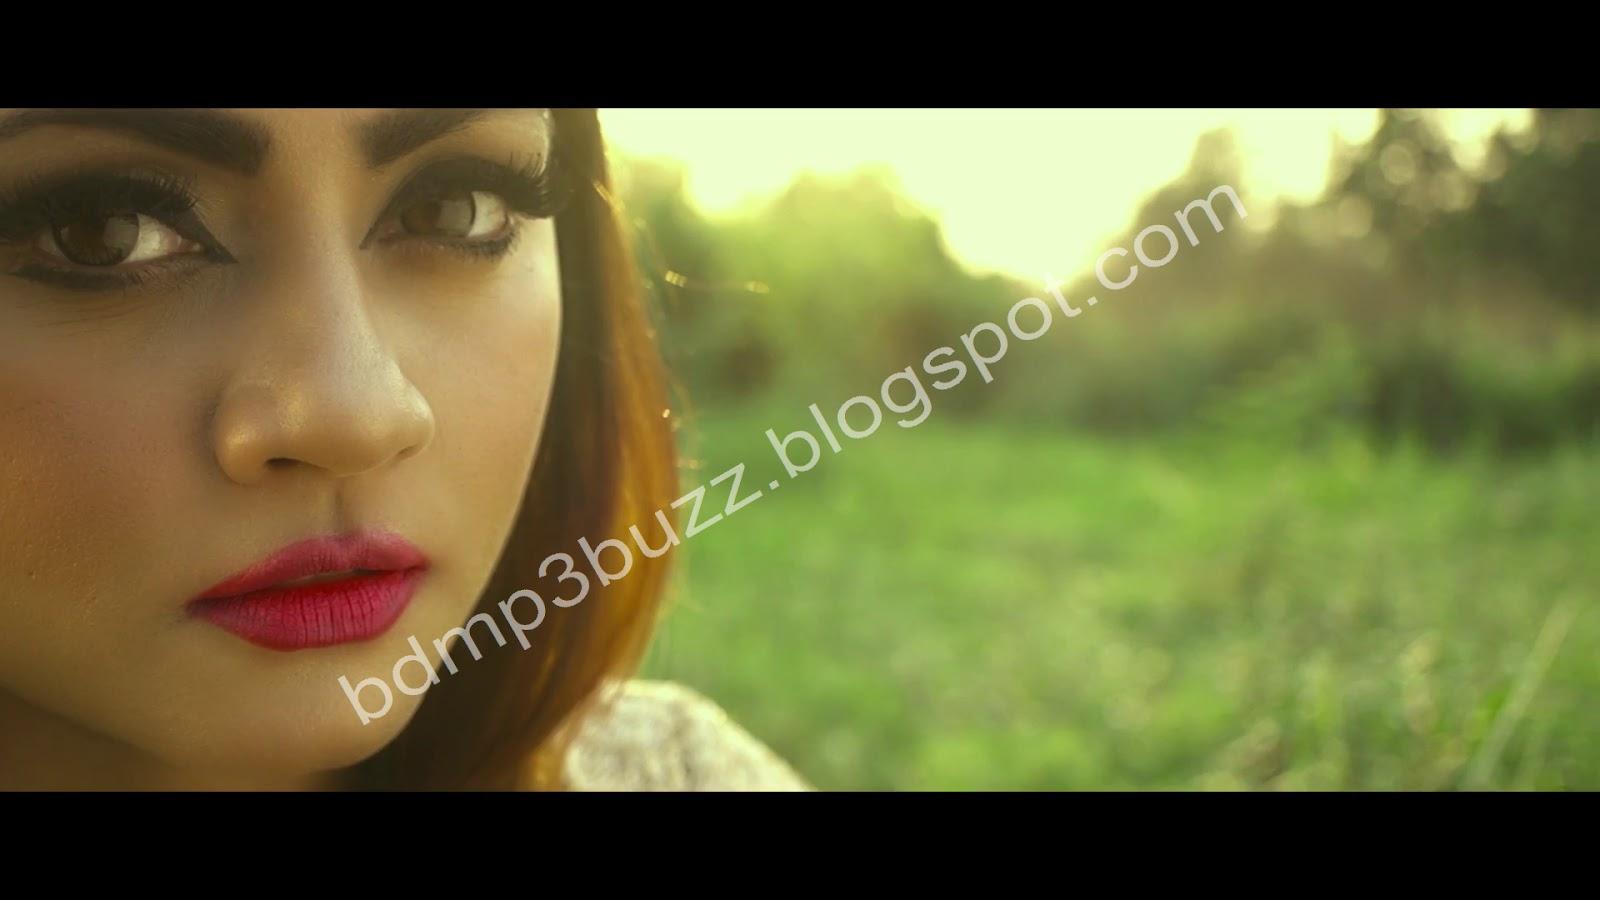 Obujh mon hridoy khan | lyrical video | full hd chords chordify.